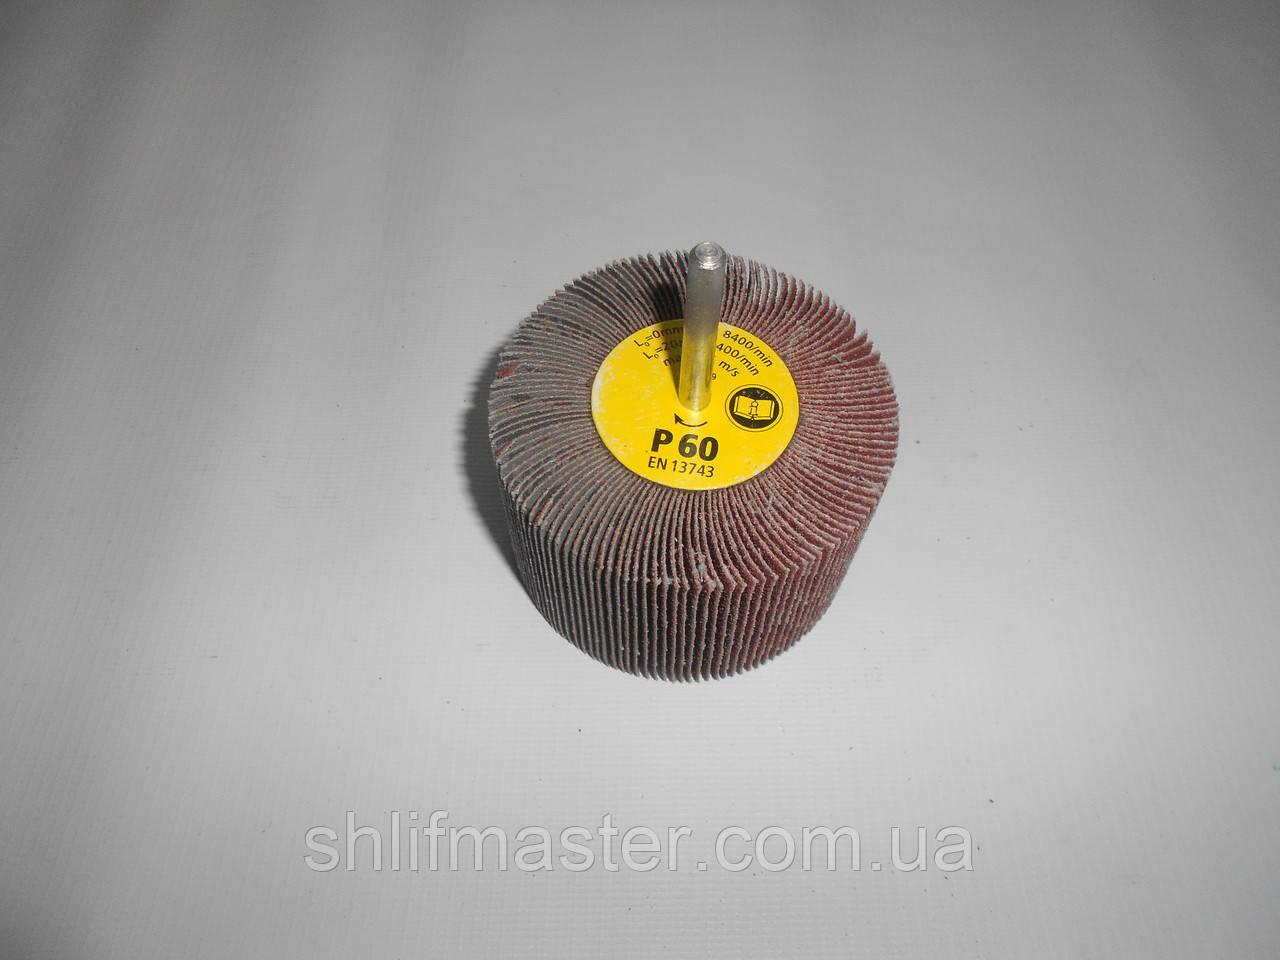 Круг шлифовальный лепестковый на оправке 25х25х6 Р60 Klingspor